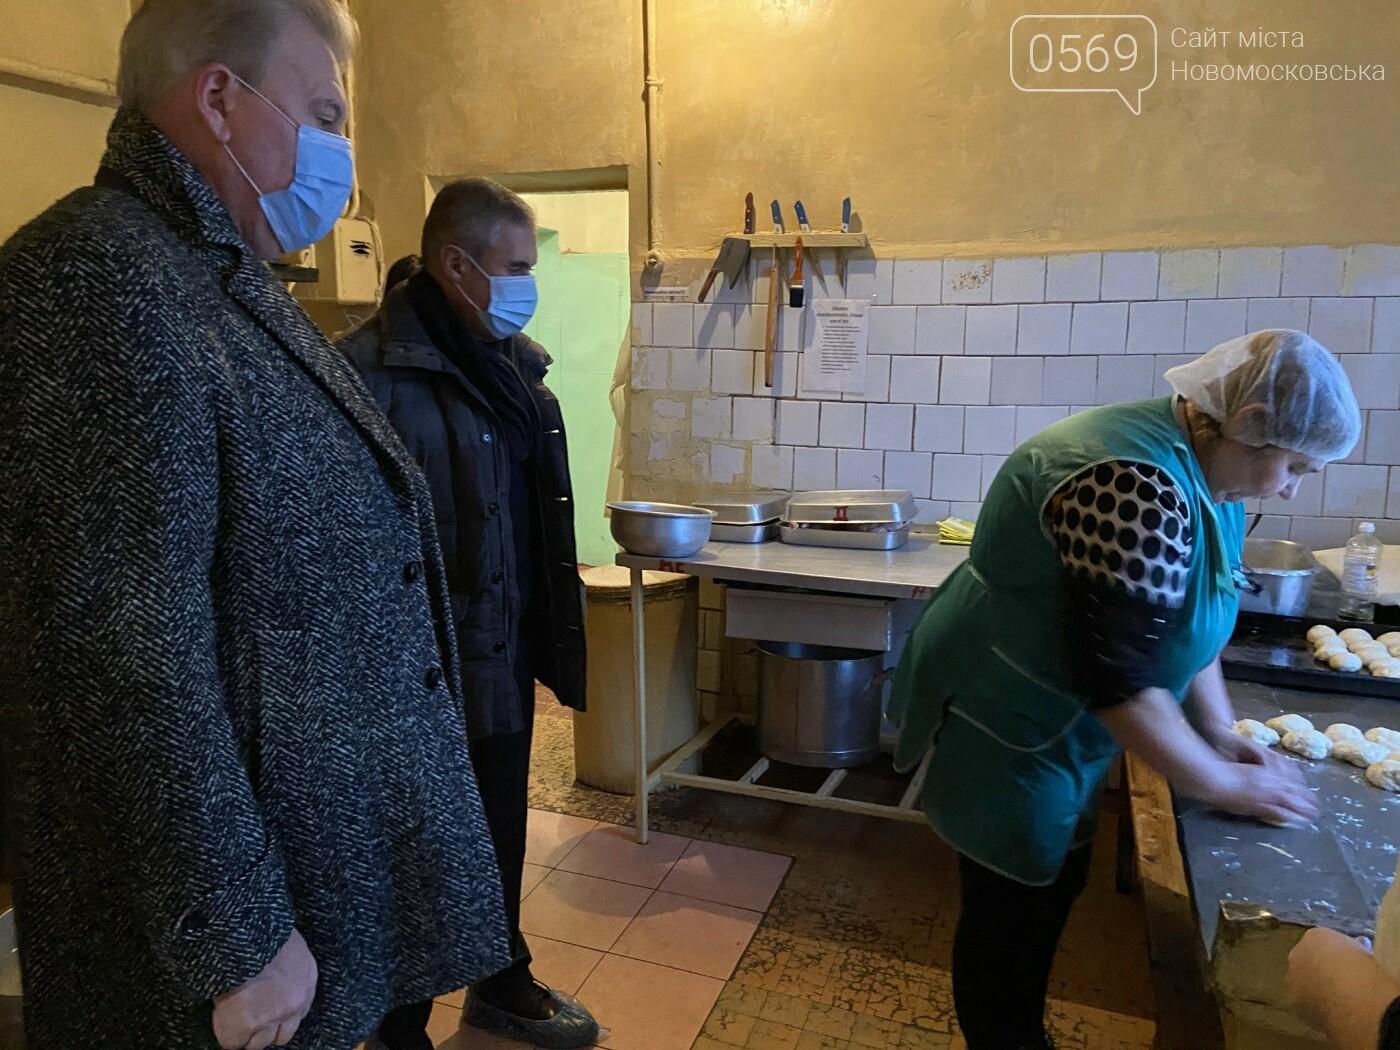 Міський голова Новомосковська з робочим візитом відвідав центральну лікарню, фото-4